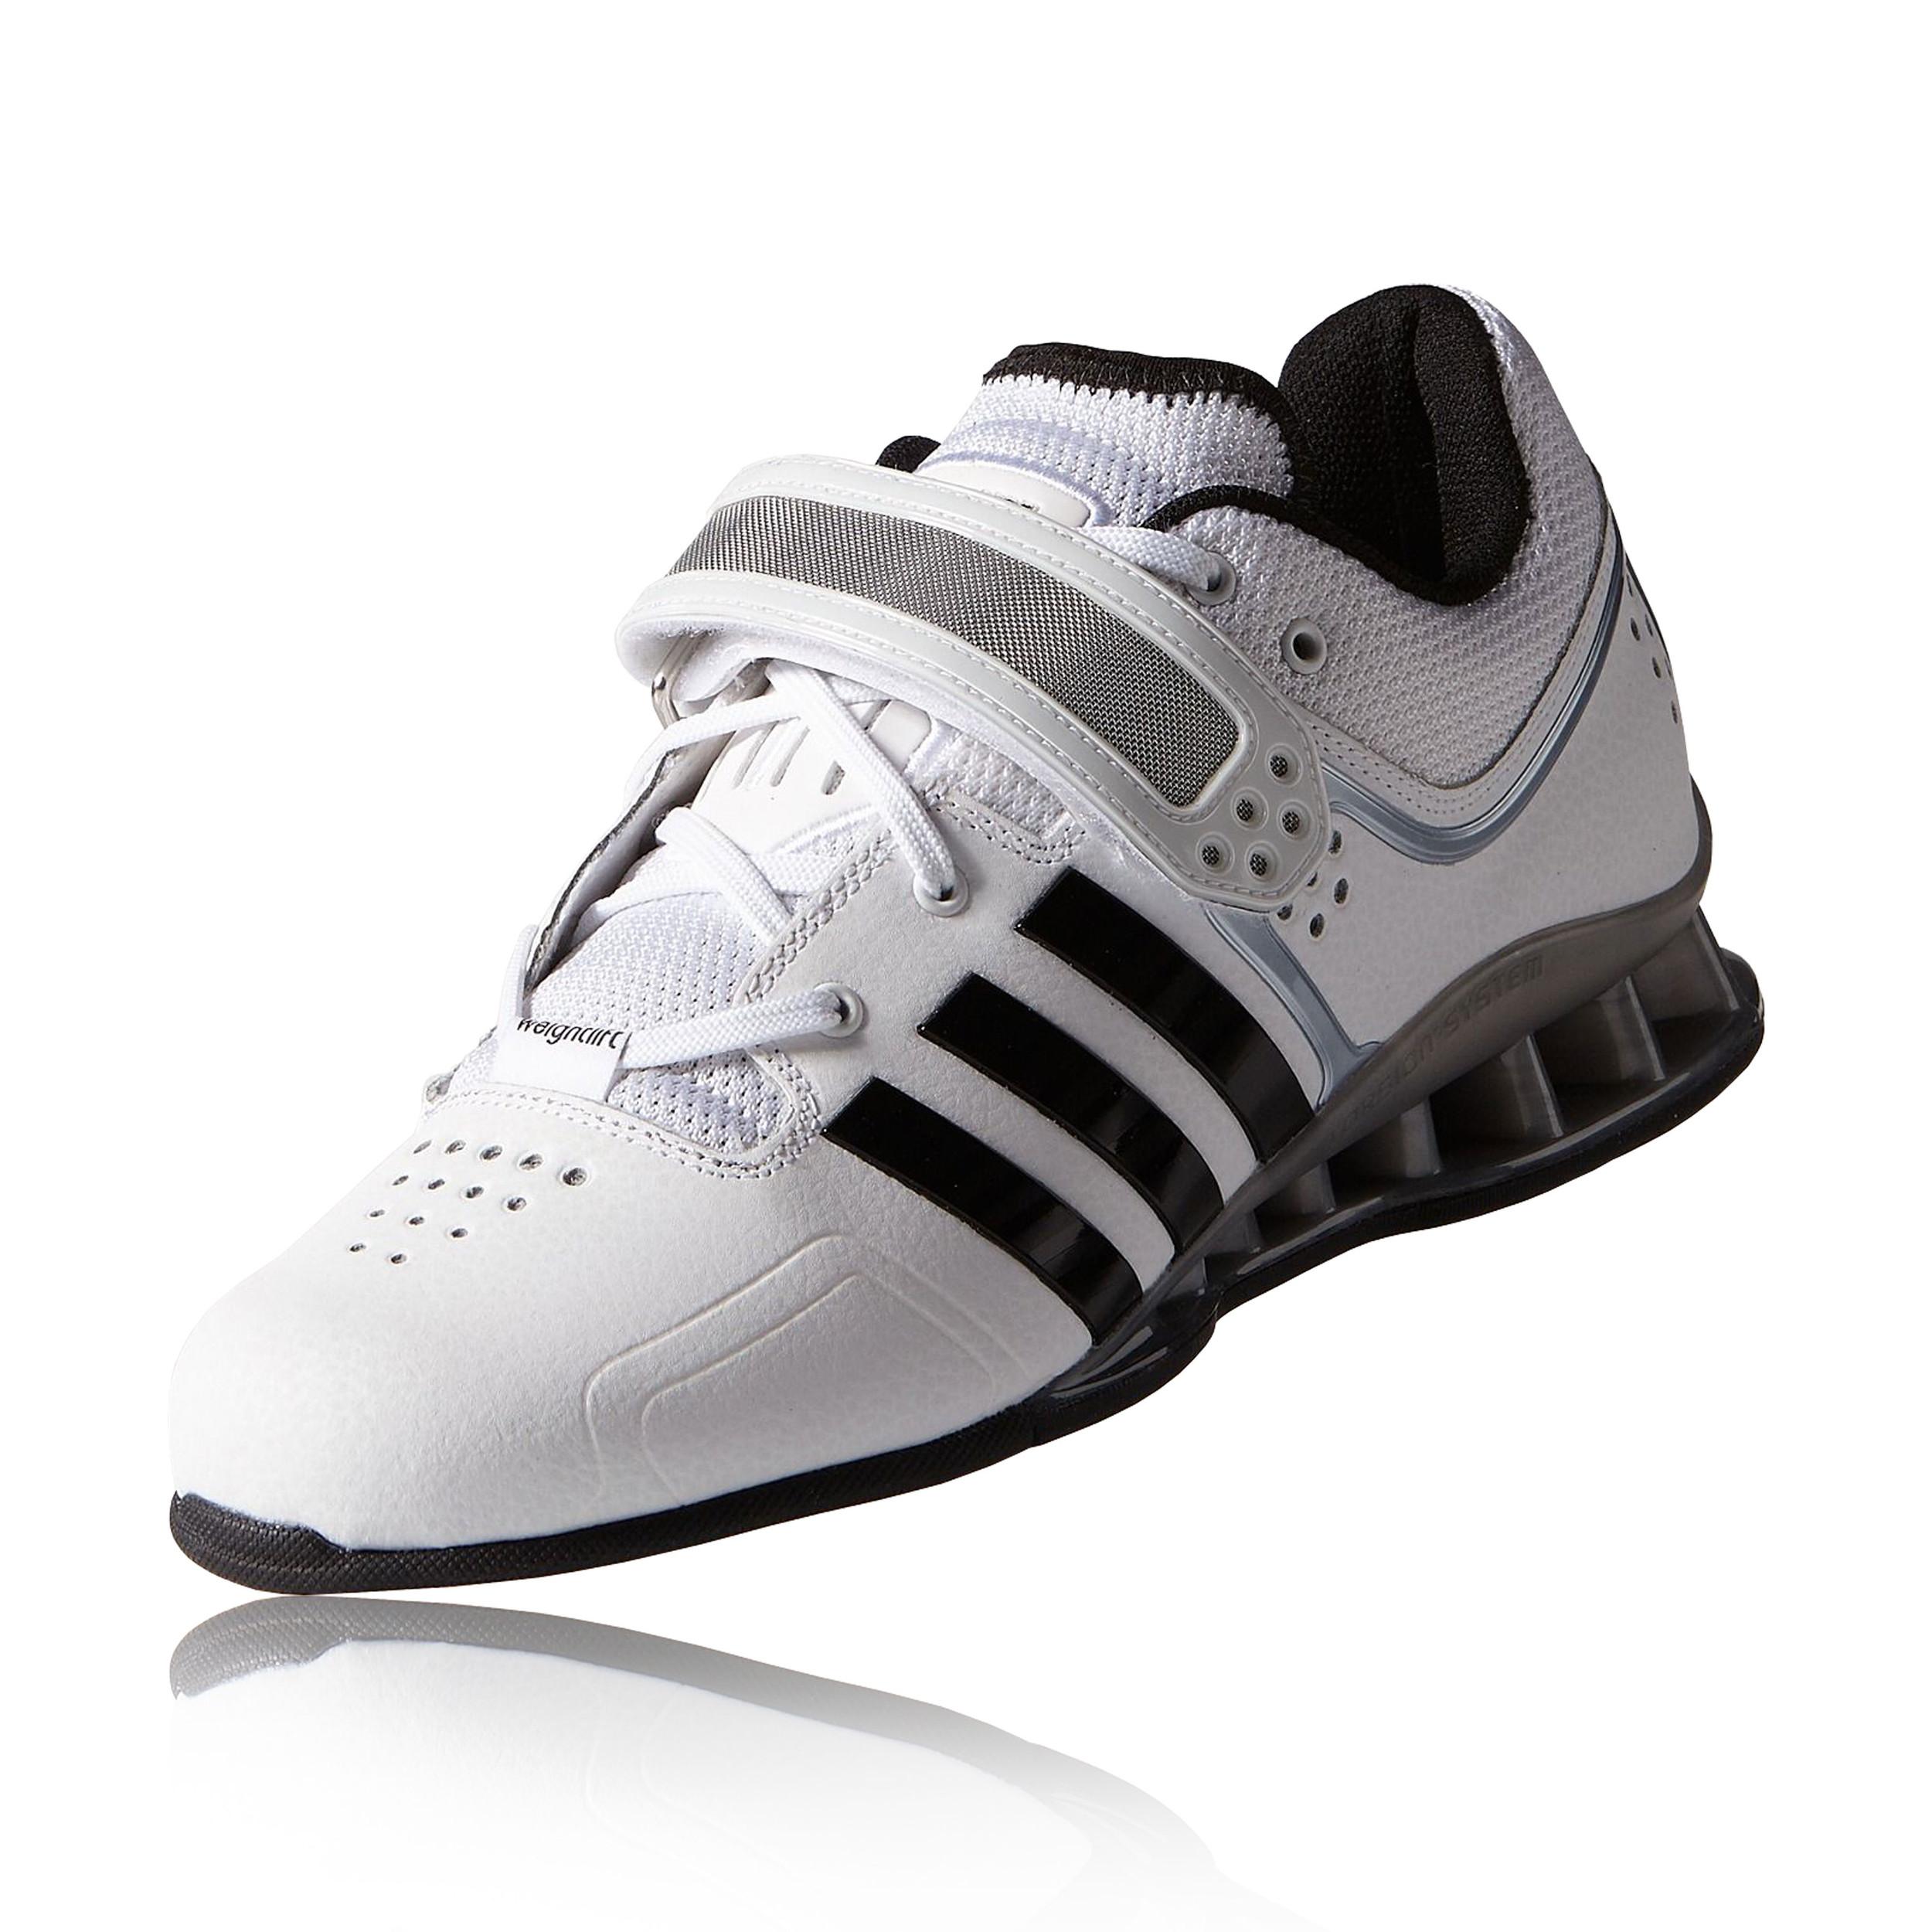 huge discount 1ca21 7ff16 Adidas Adipower Hombre Transpirable Gimnasio Levantamiento de Pesas Zapatos